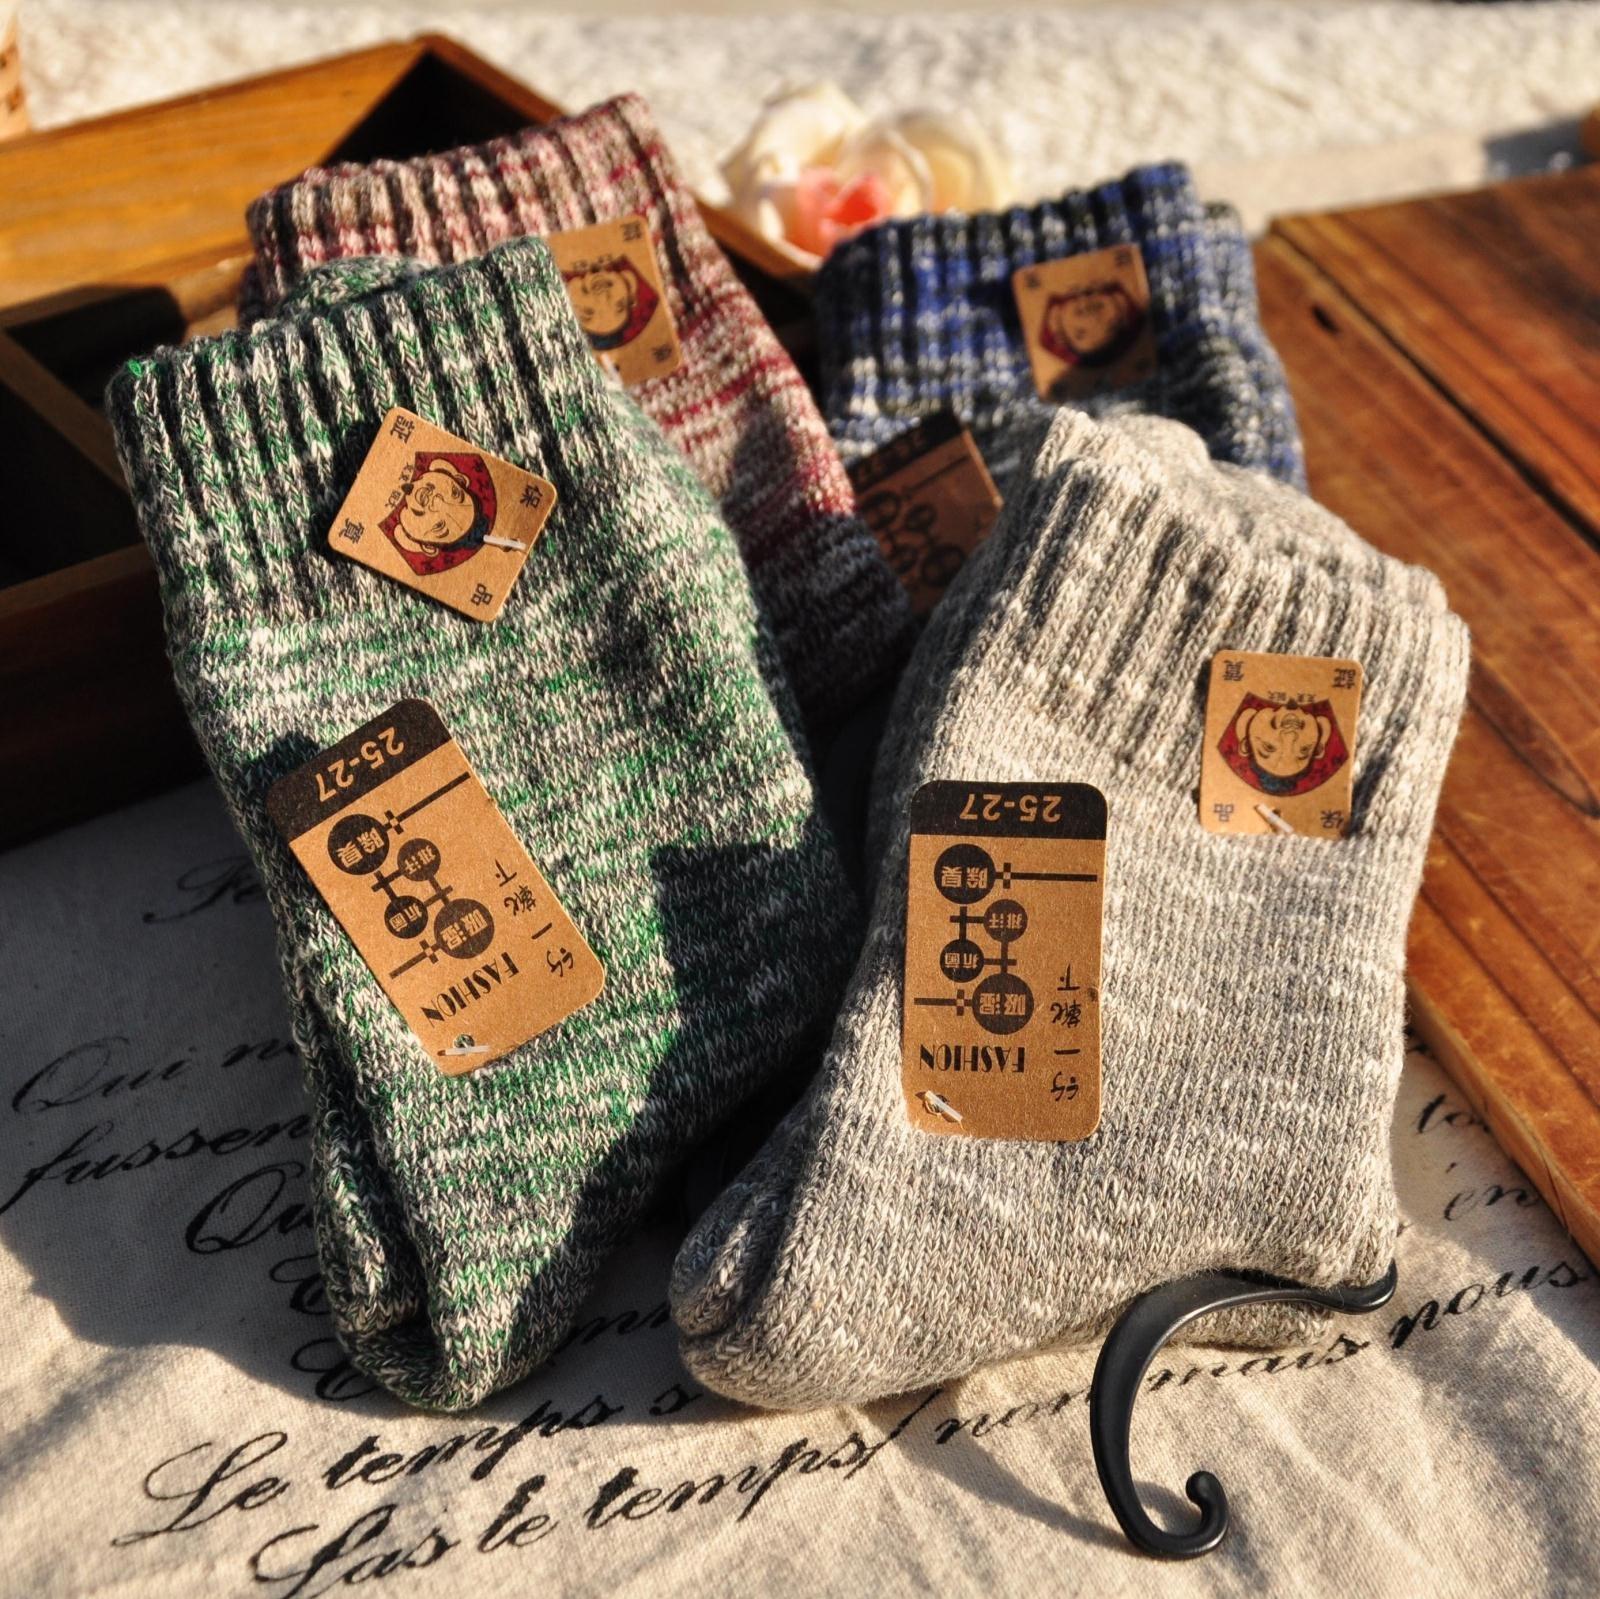 10月15日最新优惠加厚男袜子纯棉袜男士中筒袜加绒保暖复古毛巾袜秋冬天毛线袜长袜